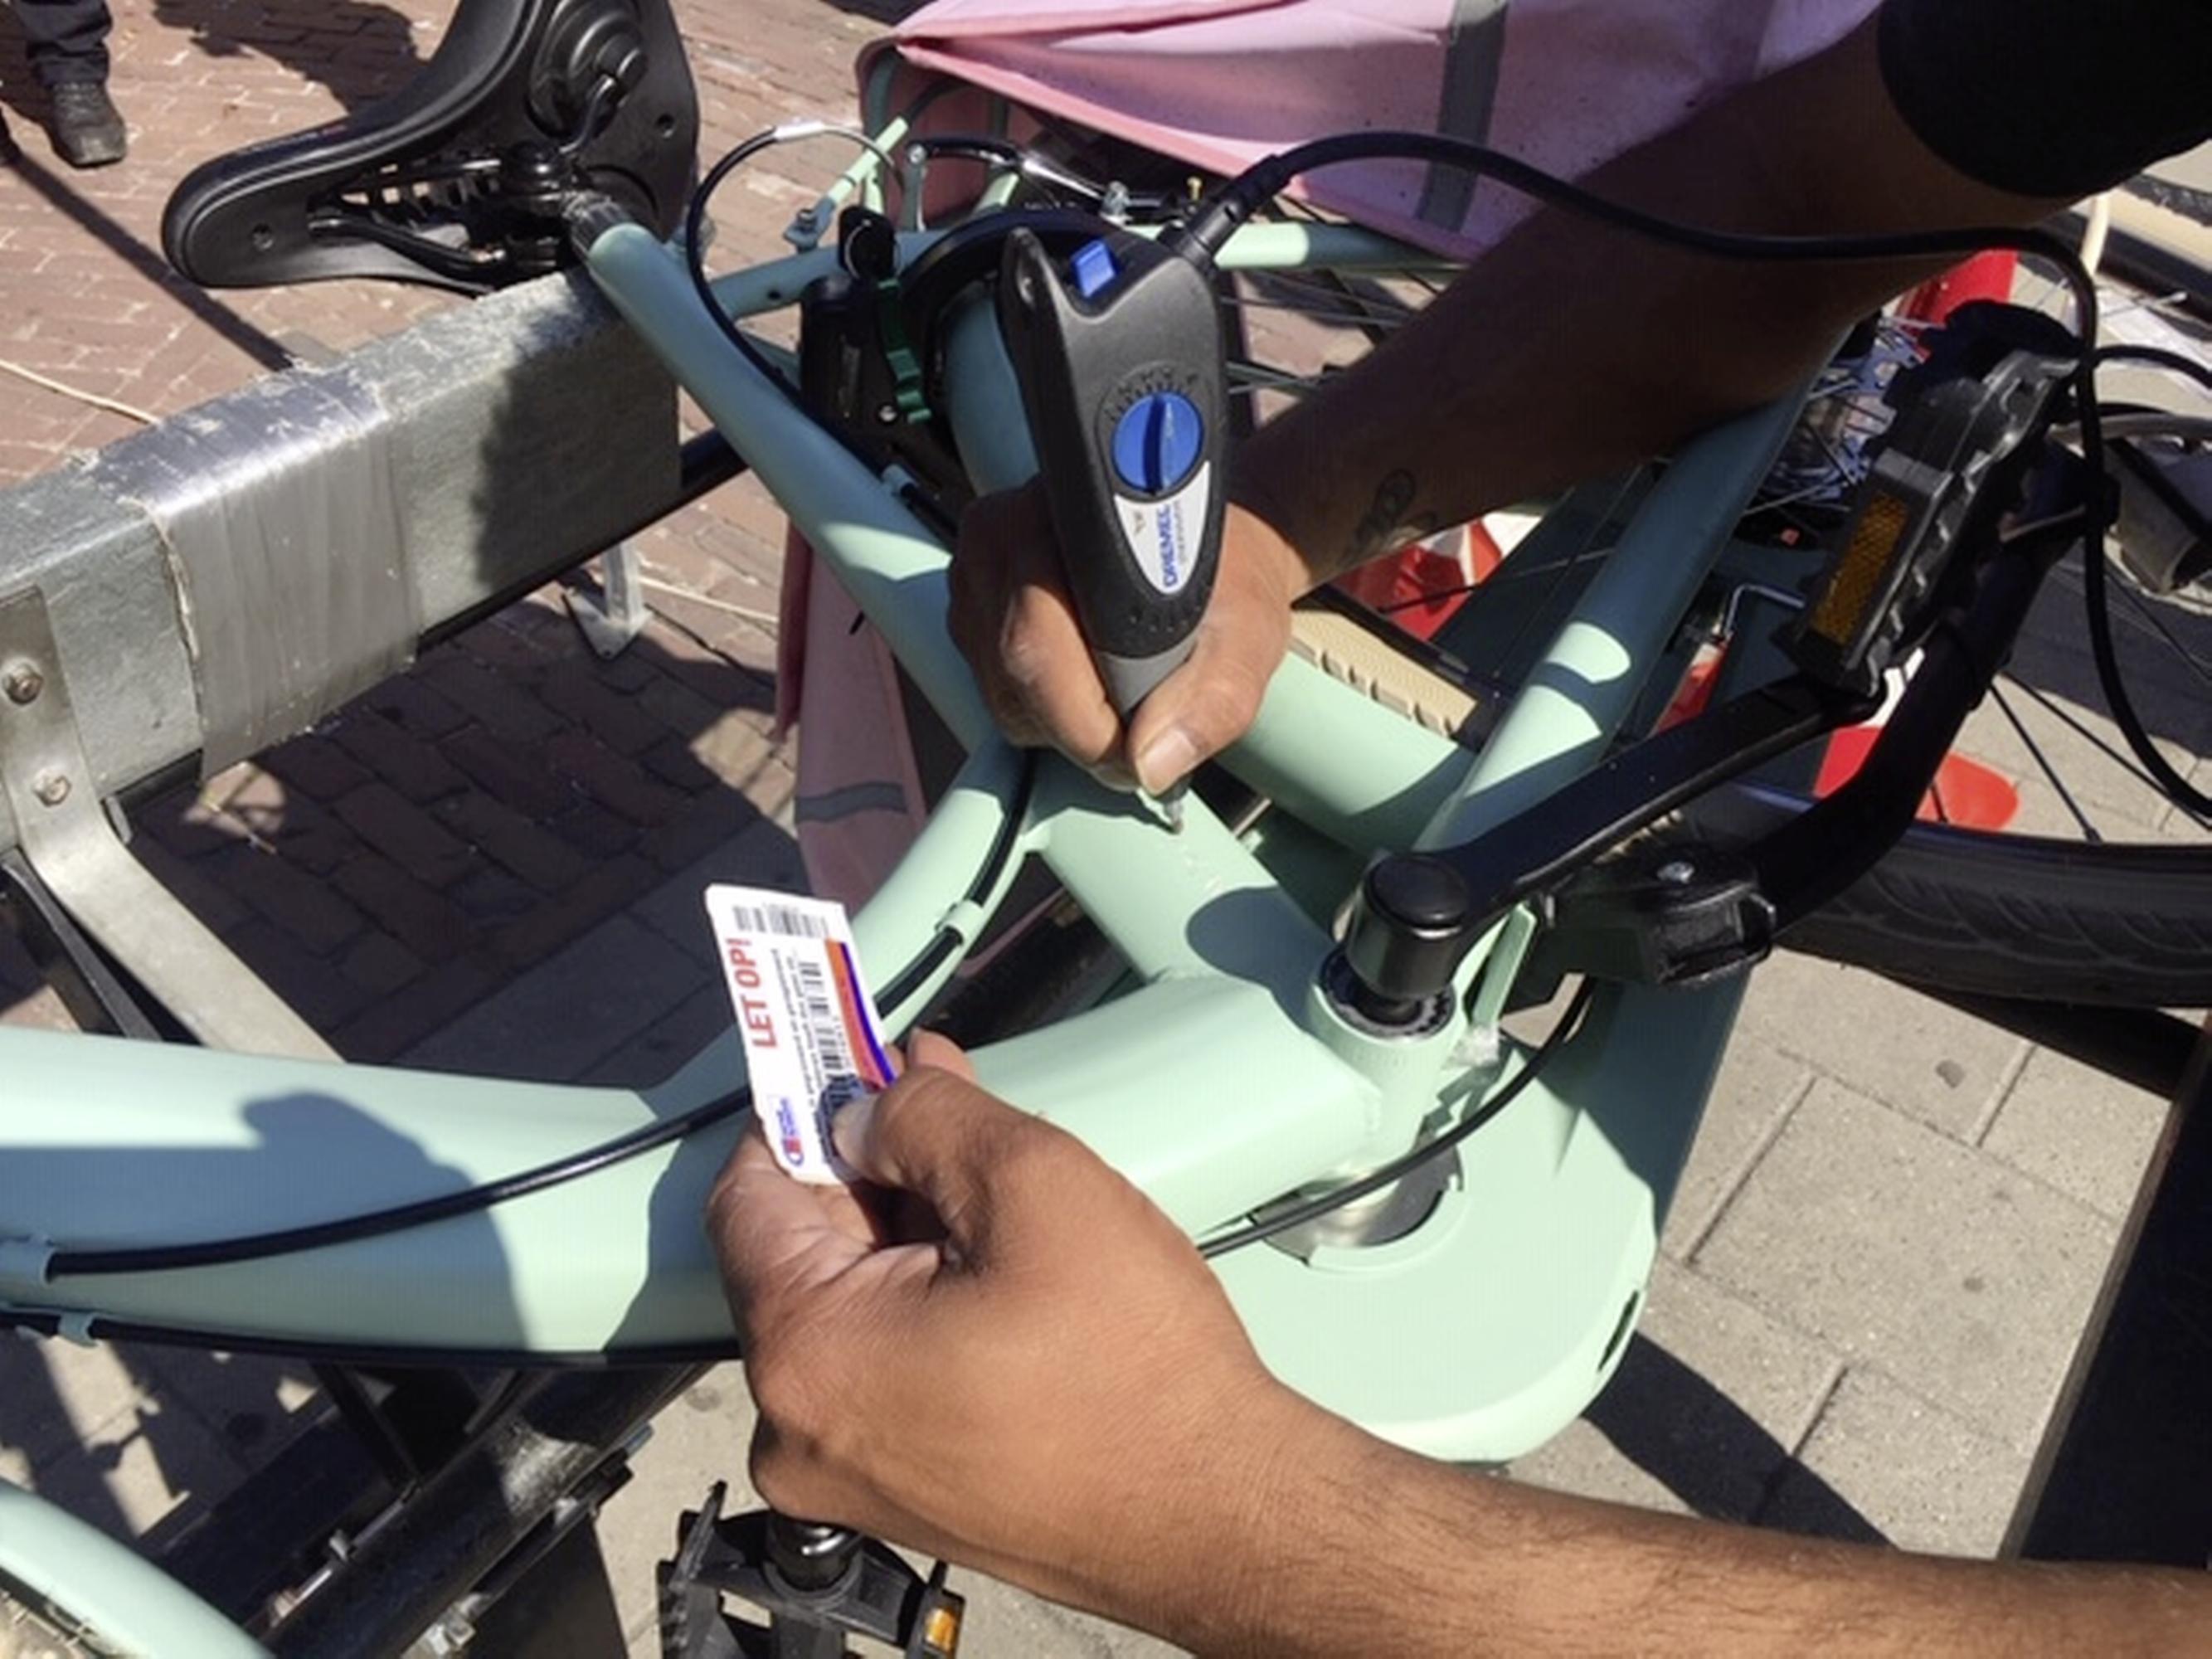 Trotse fietseigenaren in Hoorn 'nemen het zekere voor het onzekere' en graveren een registratienummer in hun tweewieler